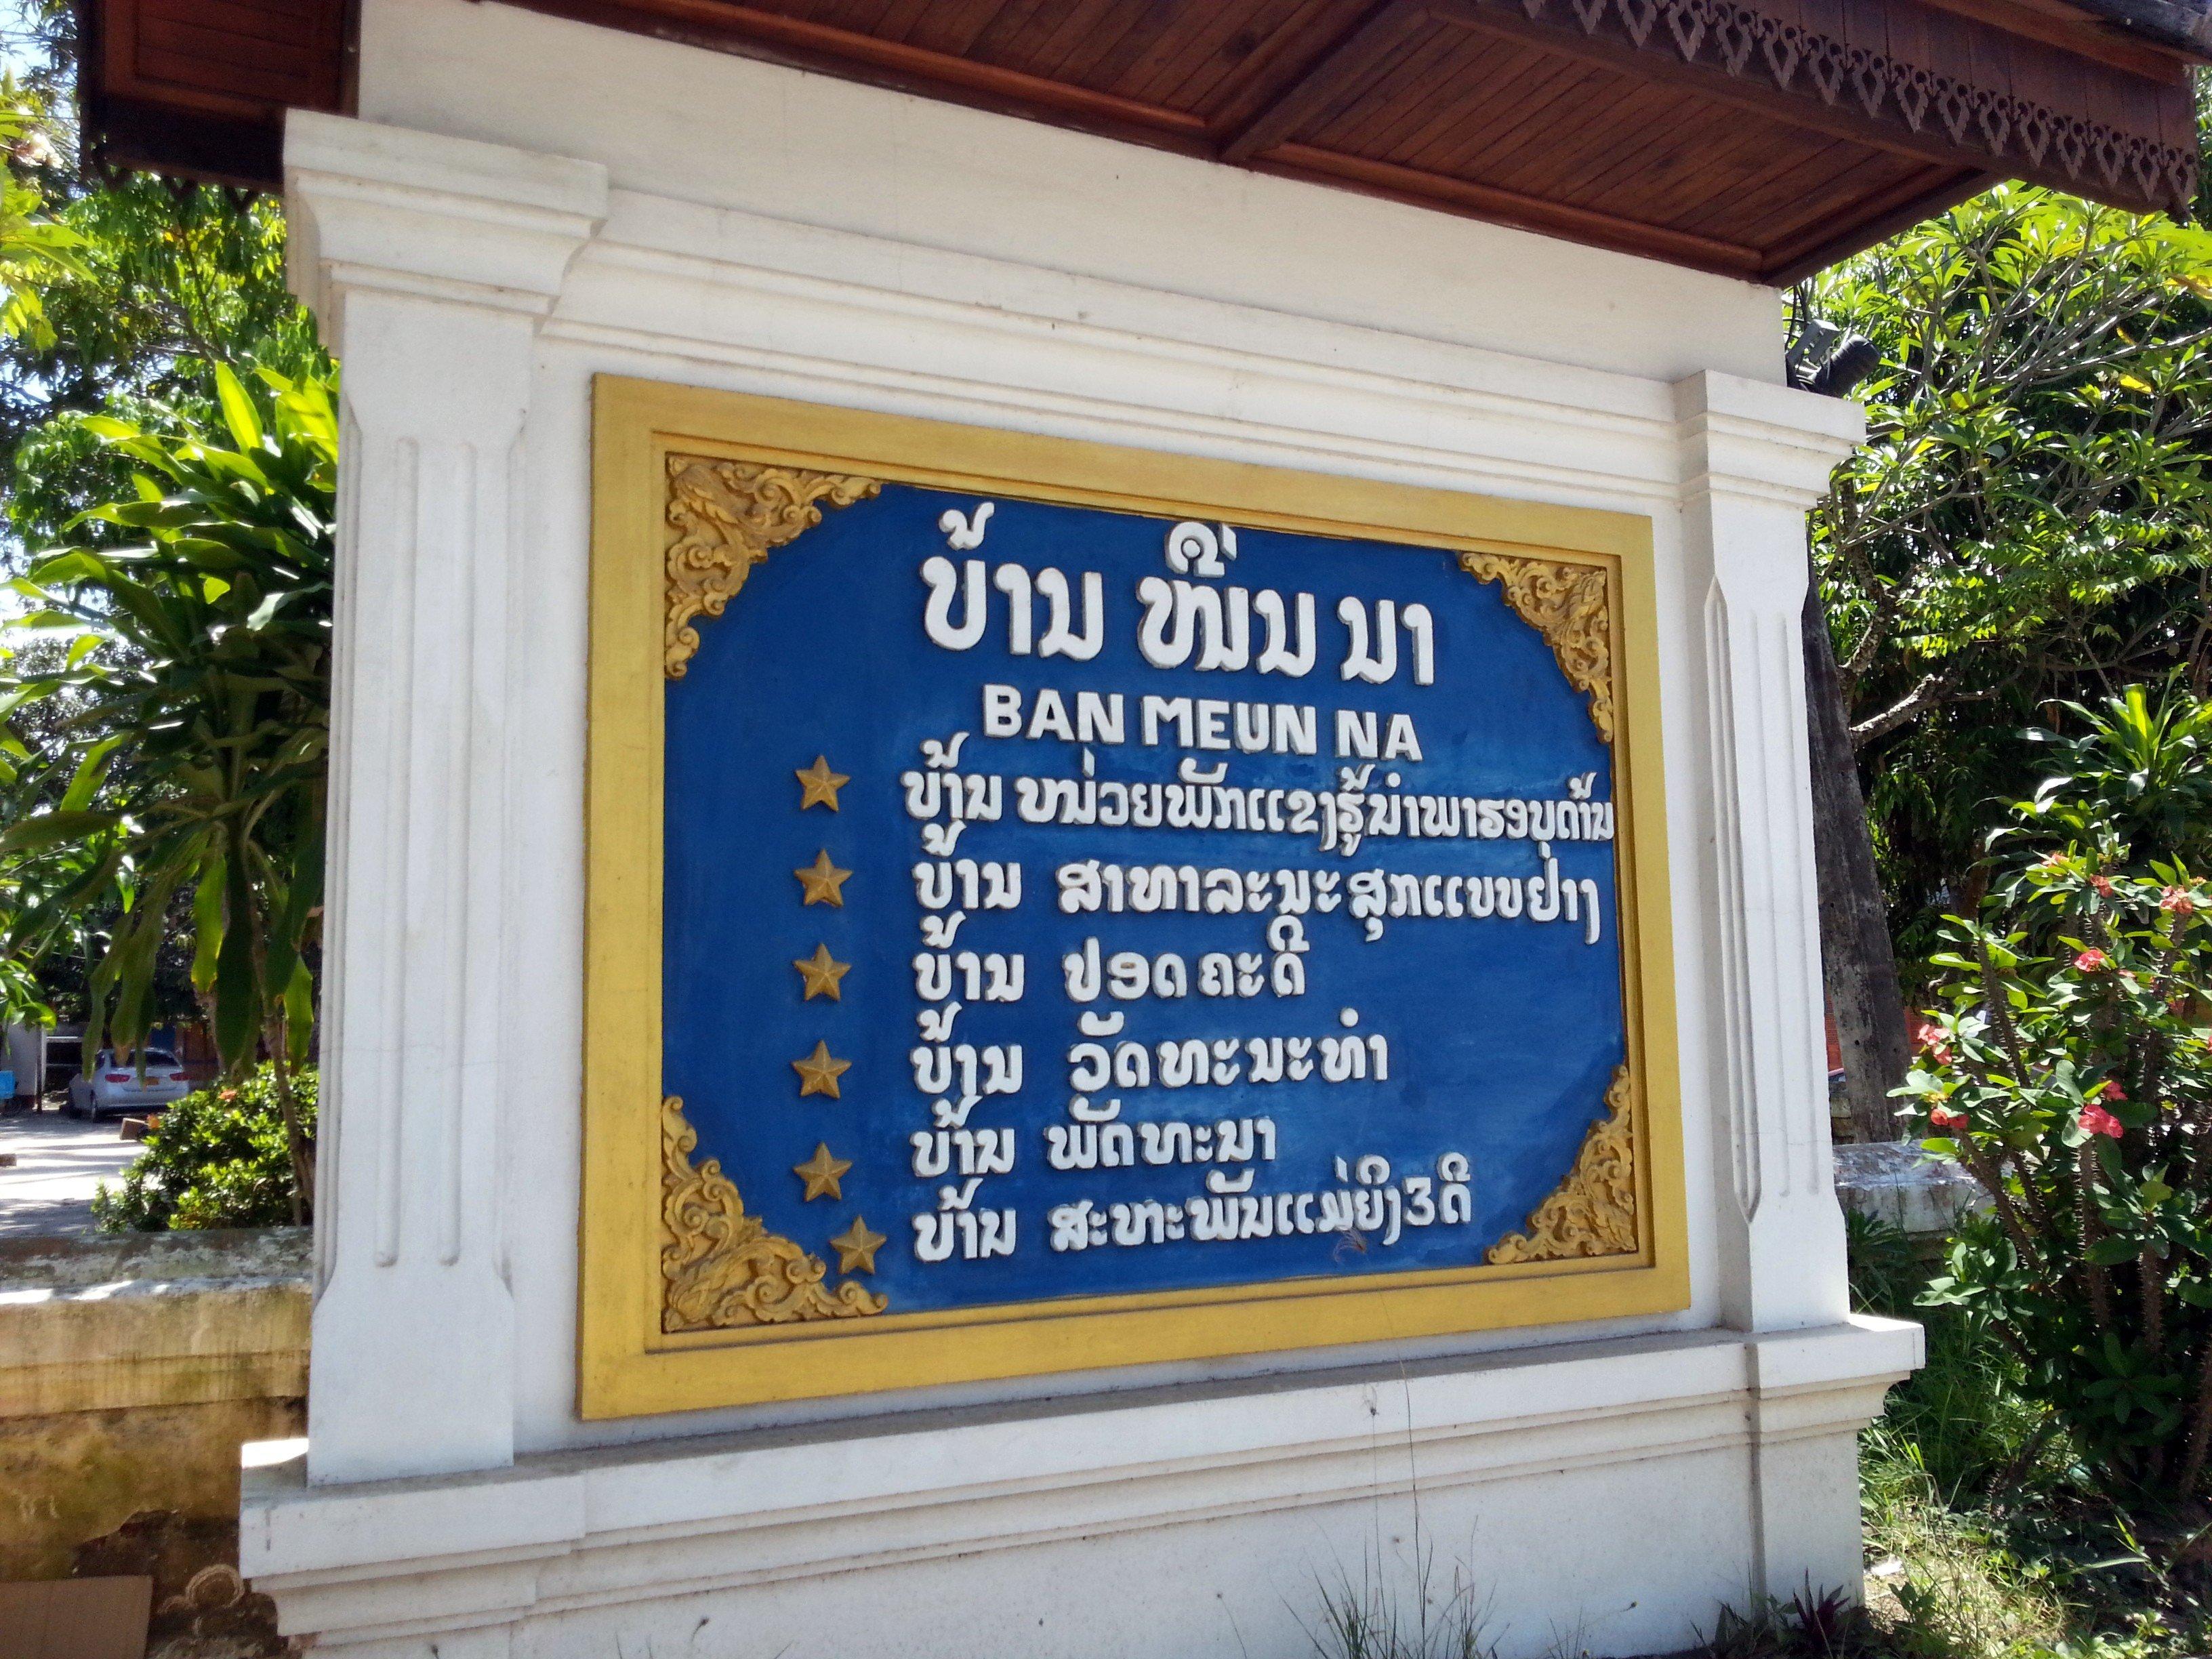 Entrance to Meun Na Temple